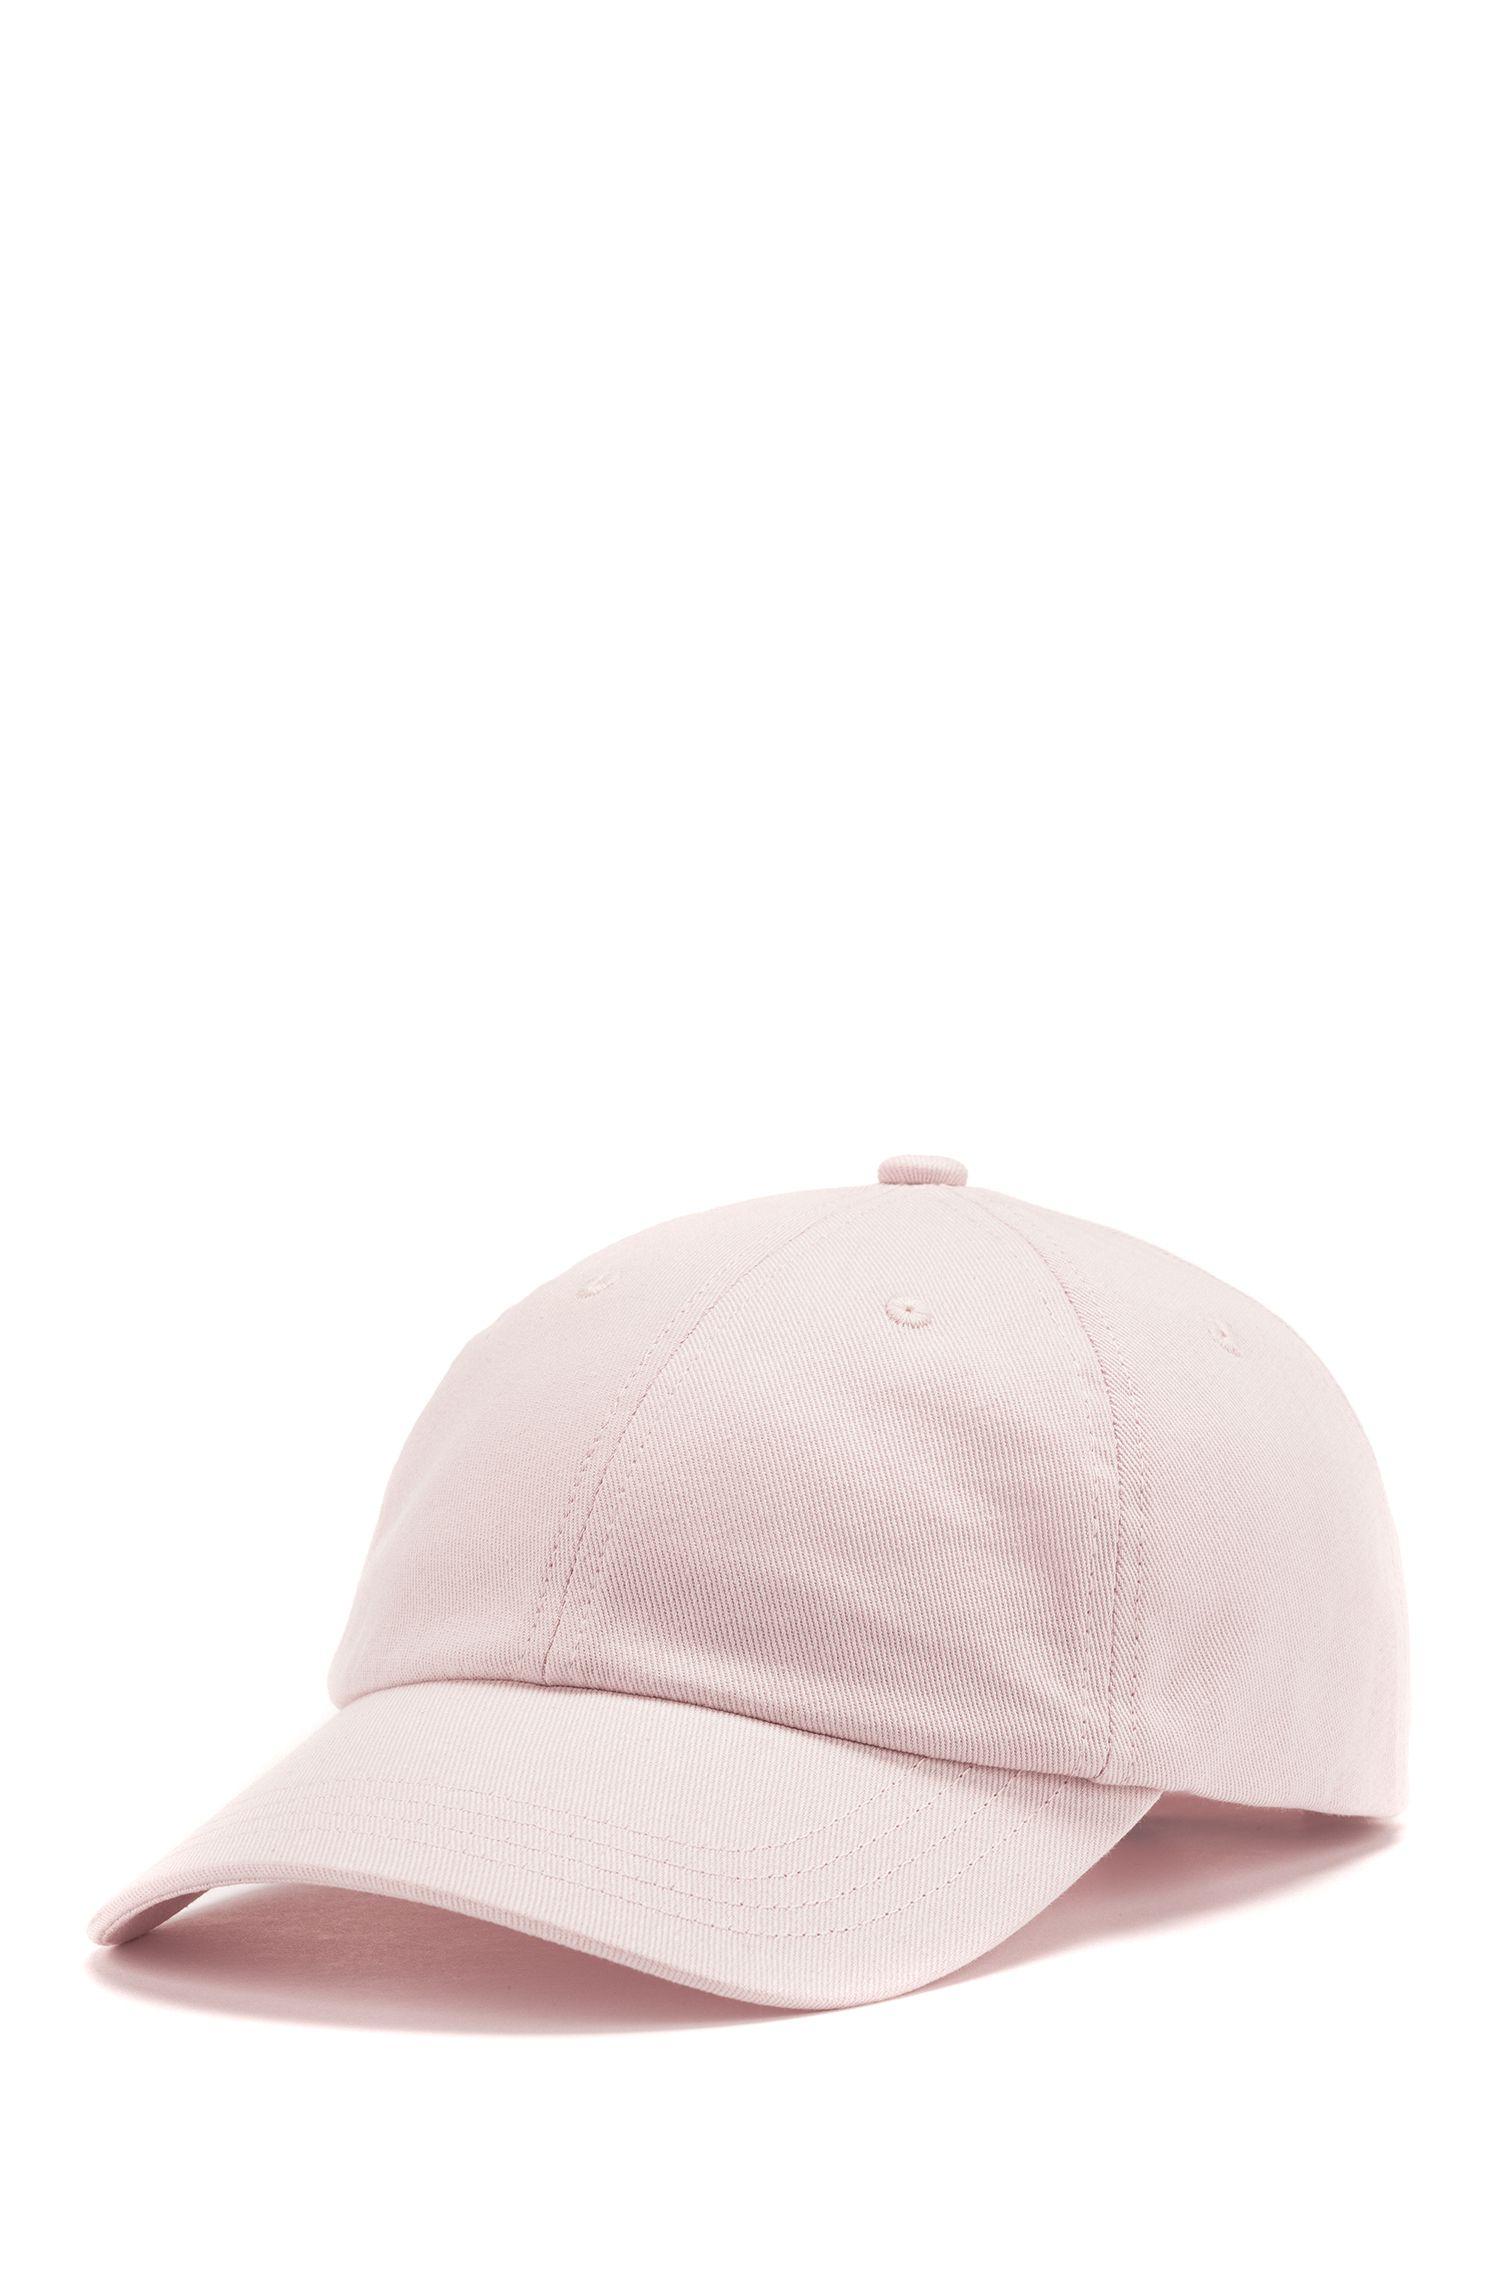 Verstellbare Cap aus Baumwoll-Twill mit gesticktem Reversed-Logo, Hellrosa